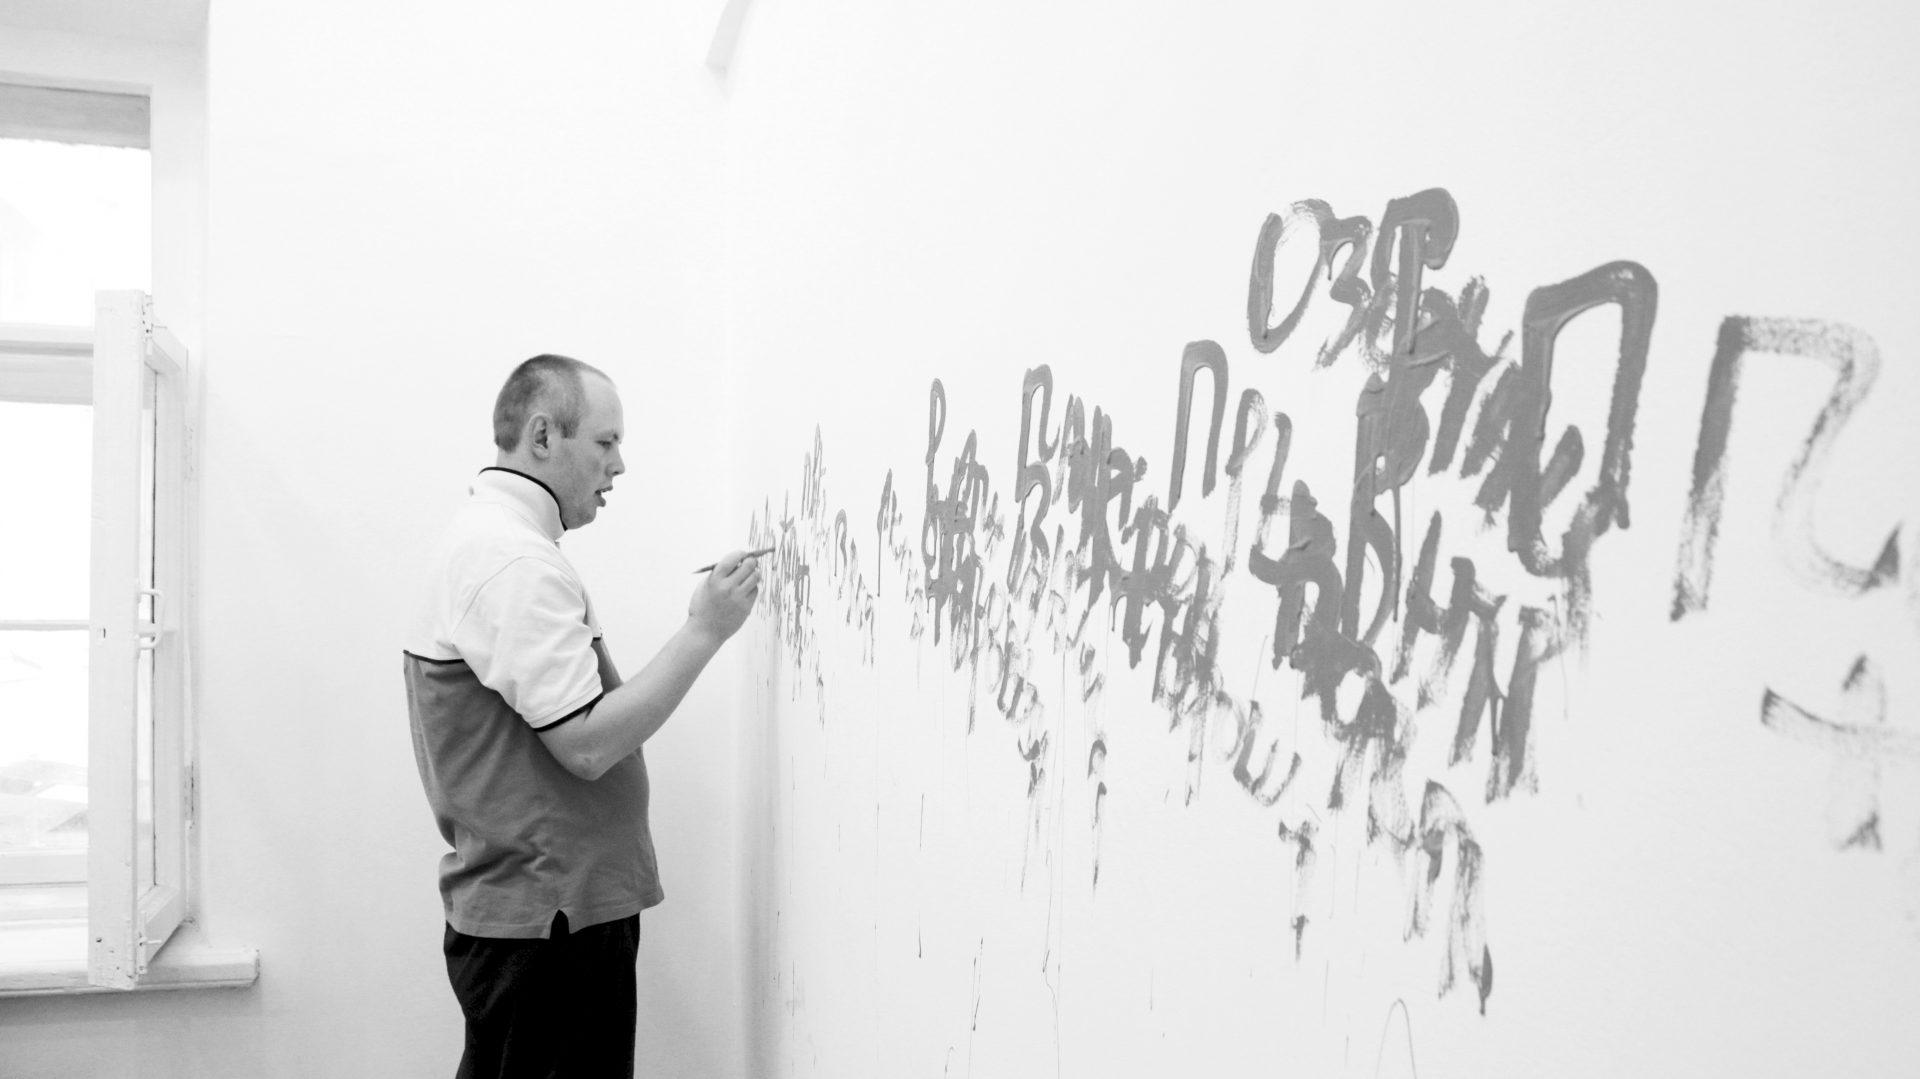 Центр на Невском: Антон расписывает стену